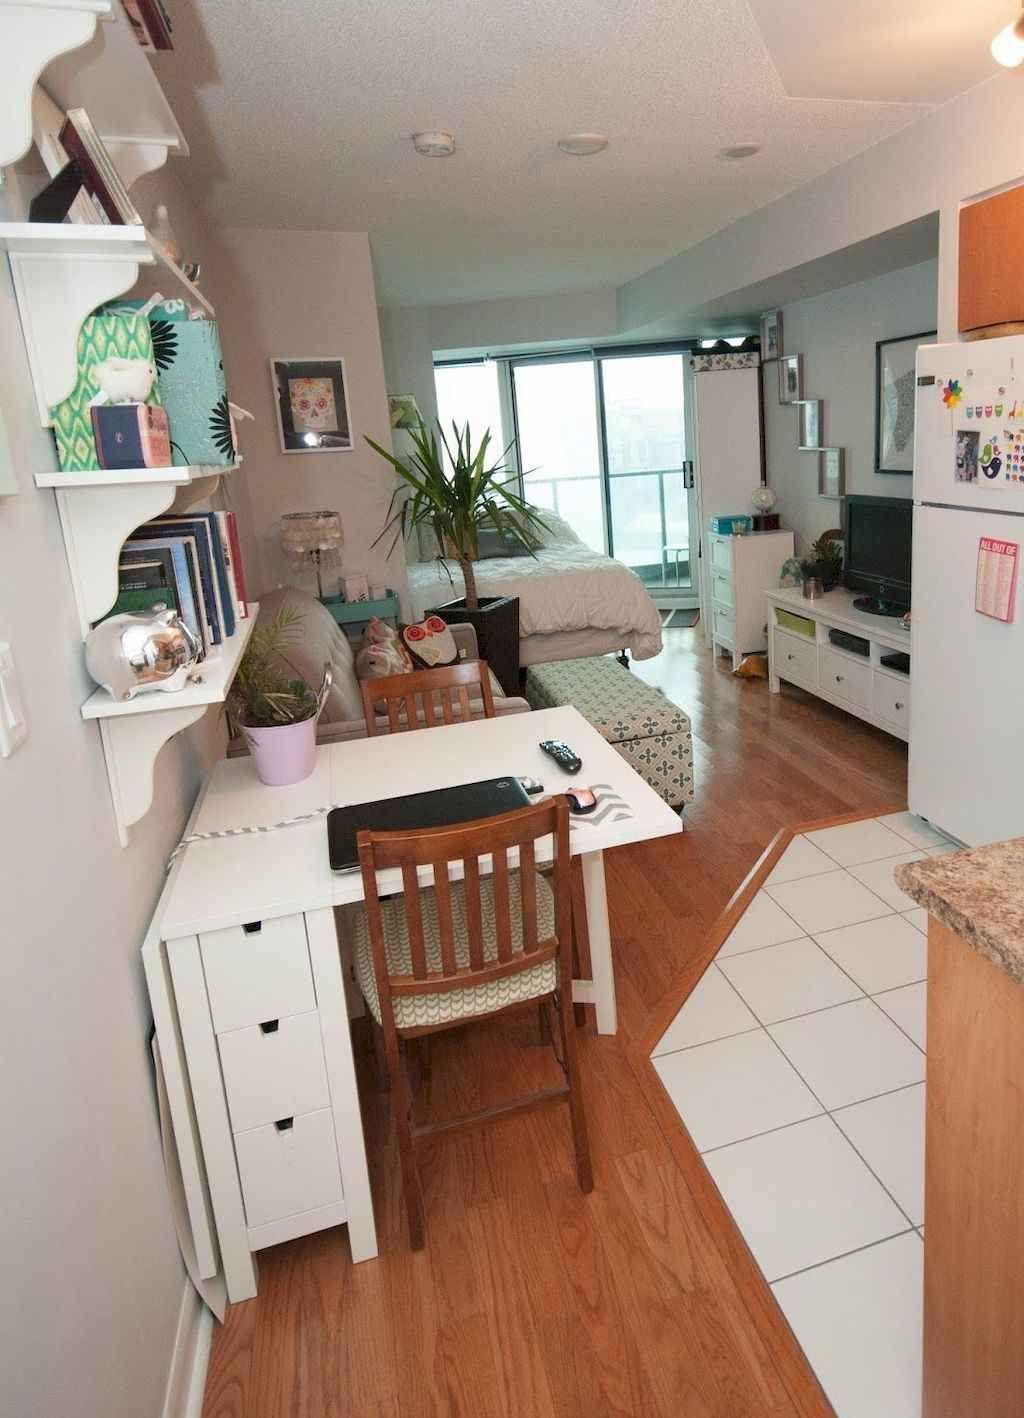 60 Studio Apartment Decorating Ideas on A Budget - DoMakeover.com